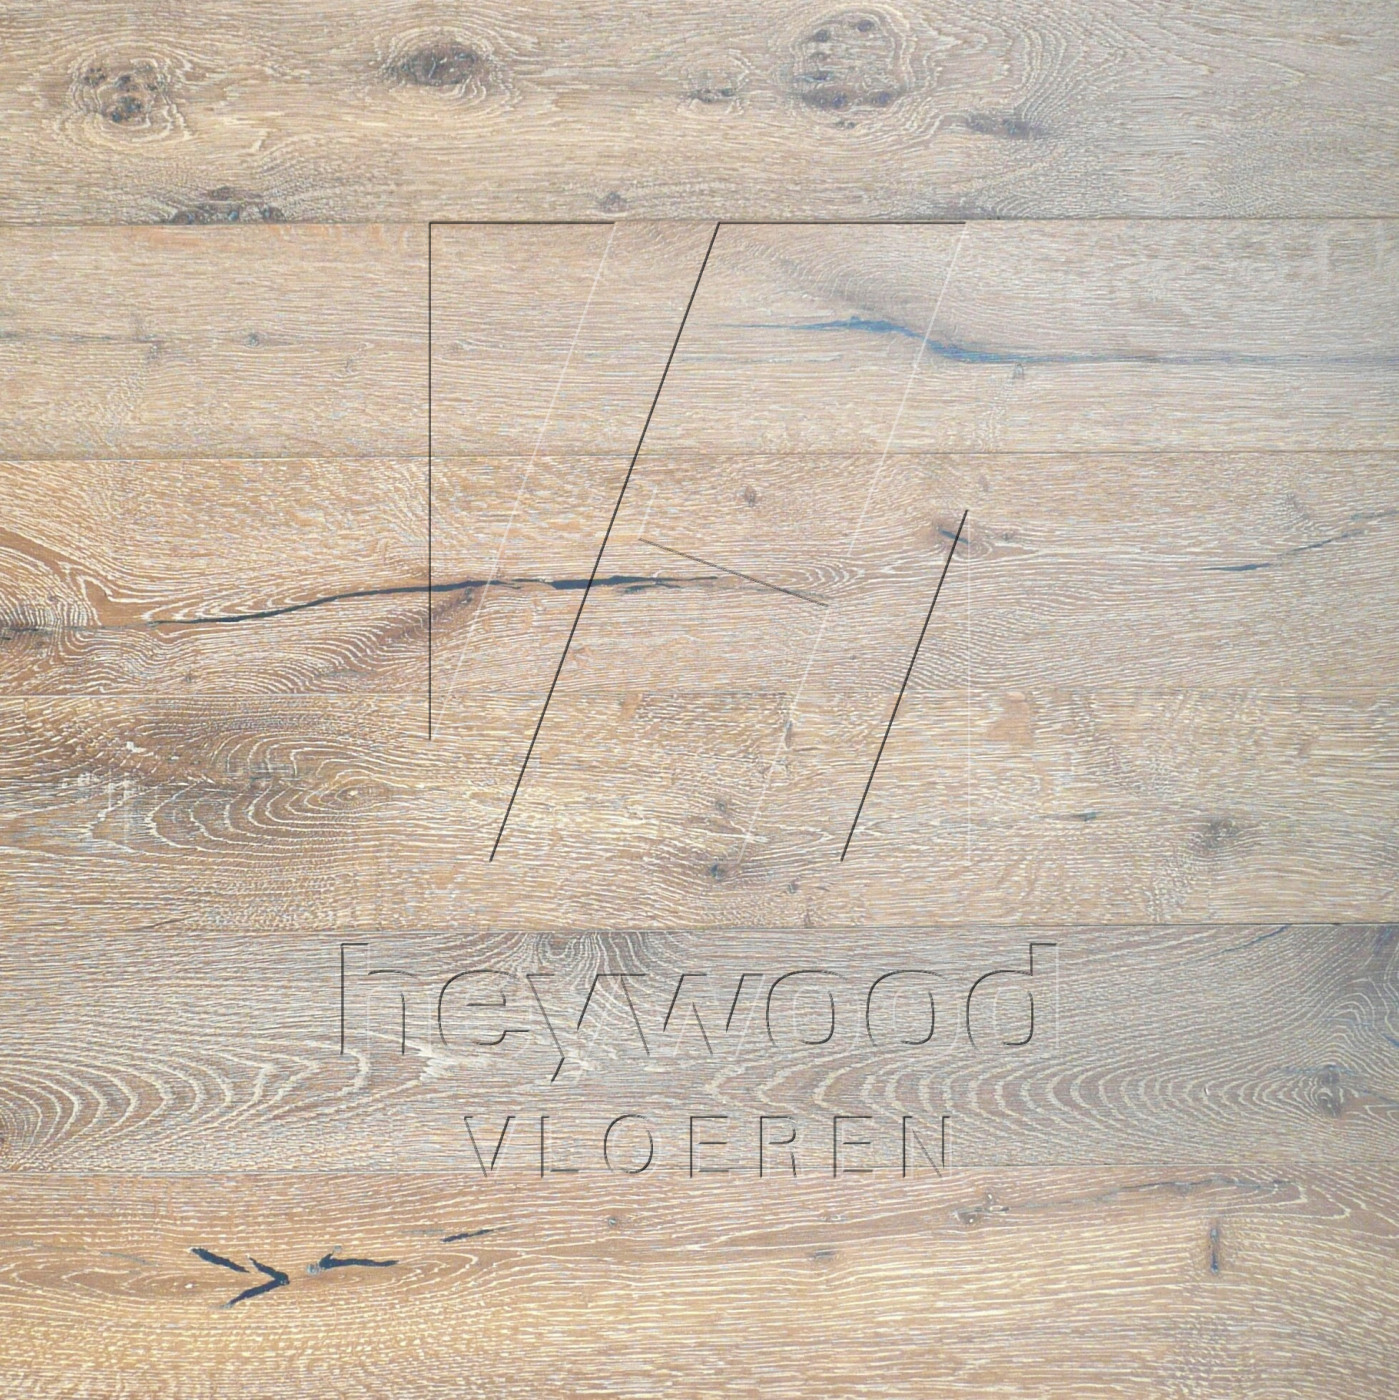 NLH/PSA 'Mocha' 10/3mm or 15/4mm (Facecracks + Endcracks allowed) in European Oak Character of Bespoke Wooden Floors